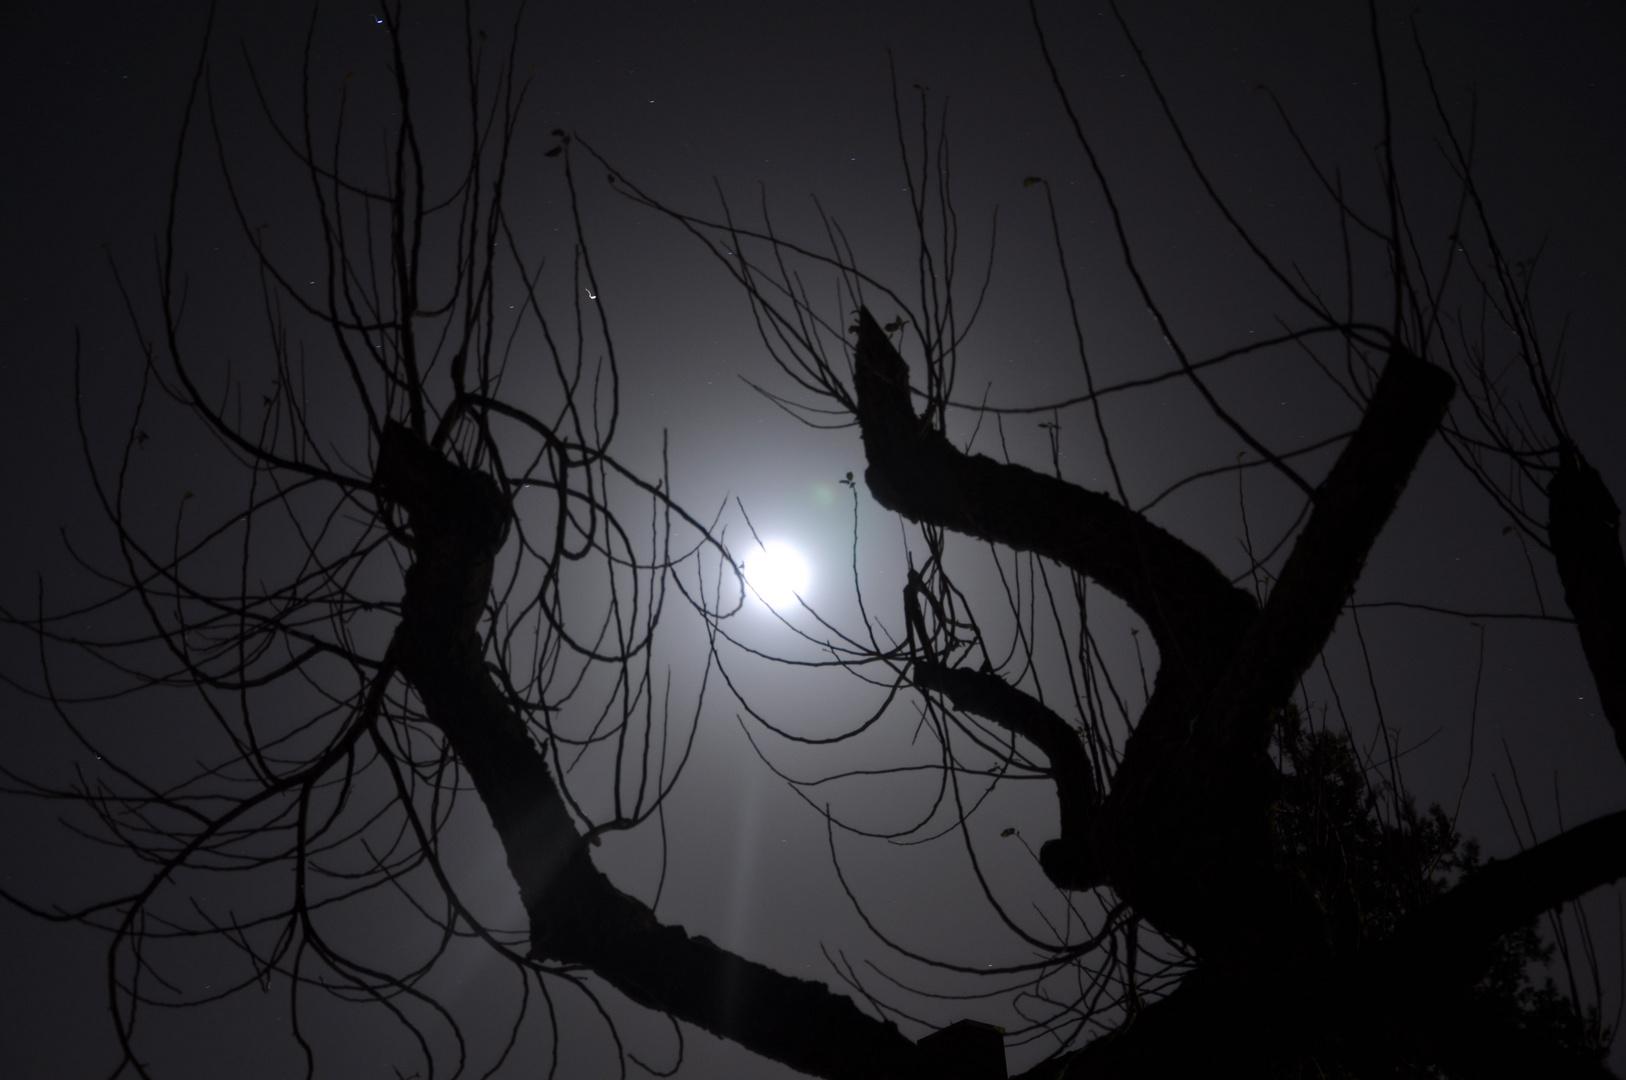 Der Mond im Apfelbaum